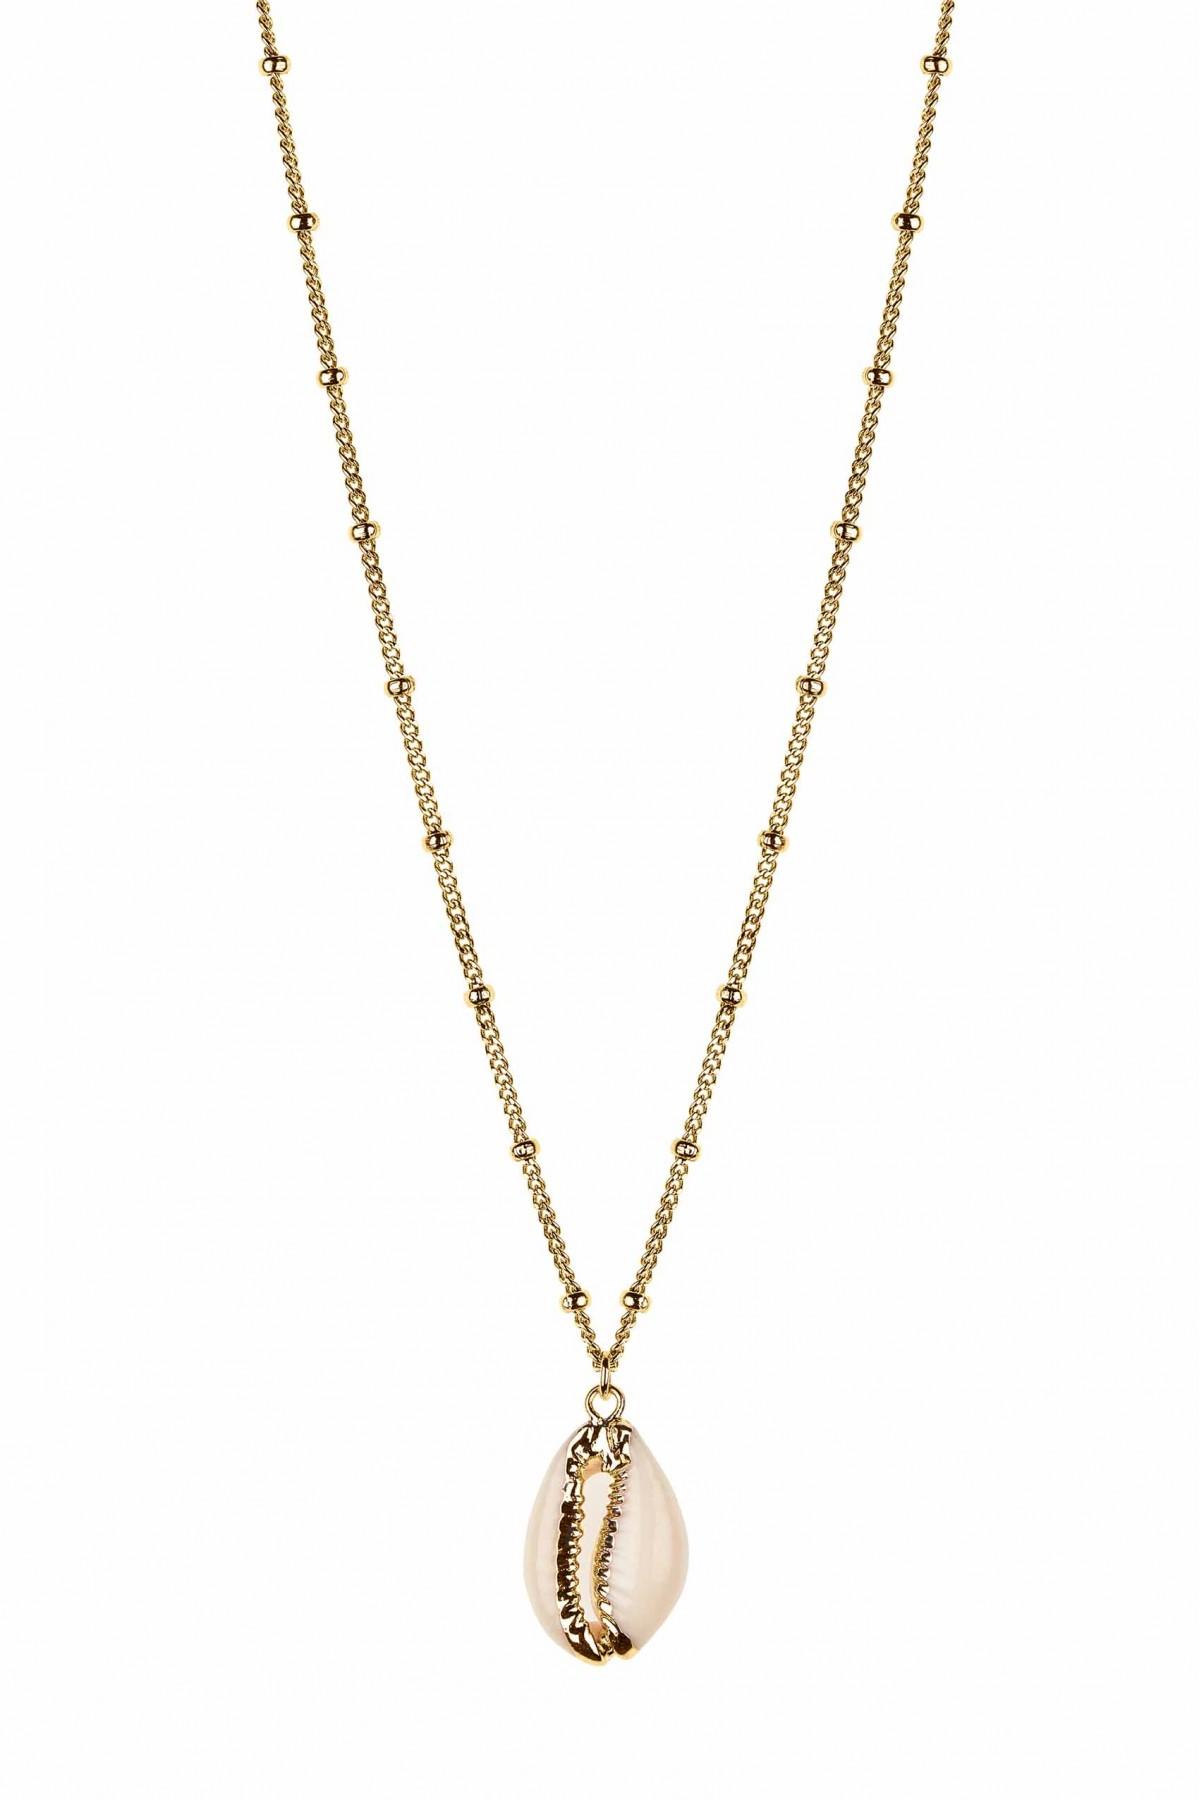 Ishikawa Necklace